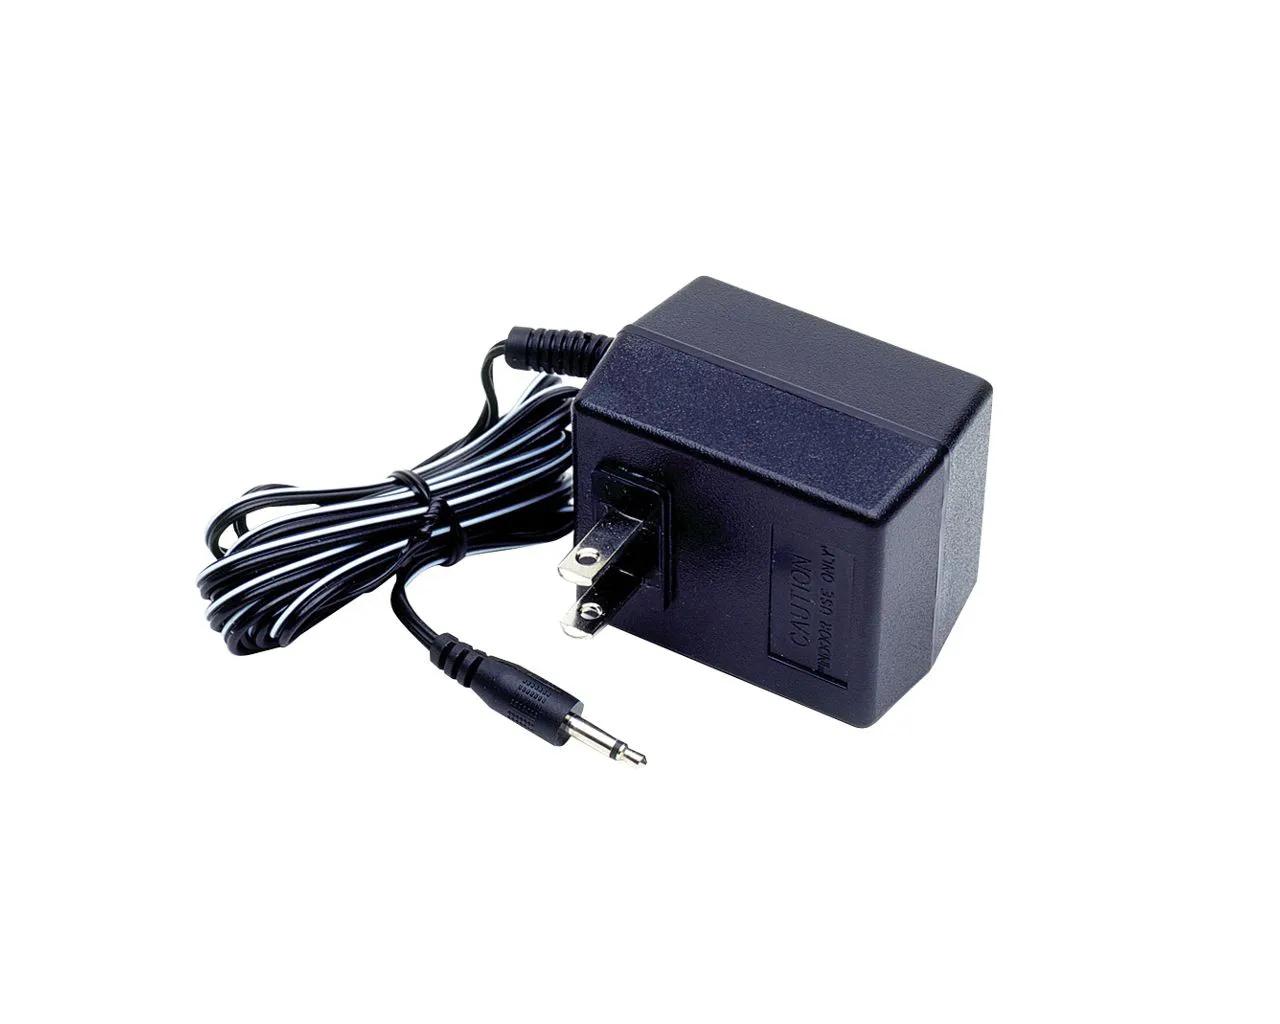 Adaptador Ecb003 P/pedal 9 Vdc Plug P4 Bivolt Ecb003 Dunlop